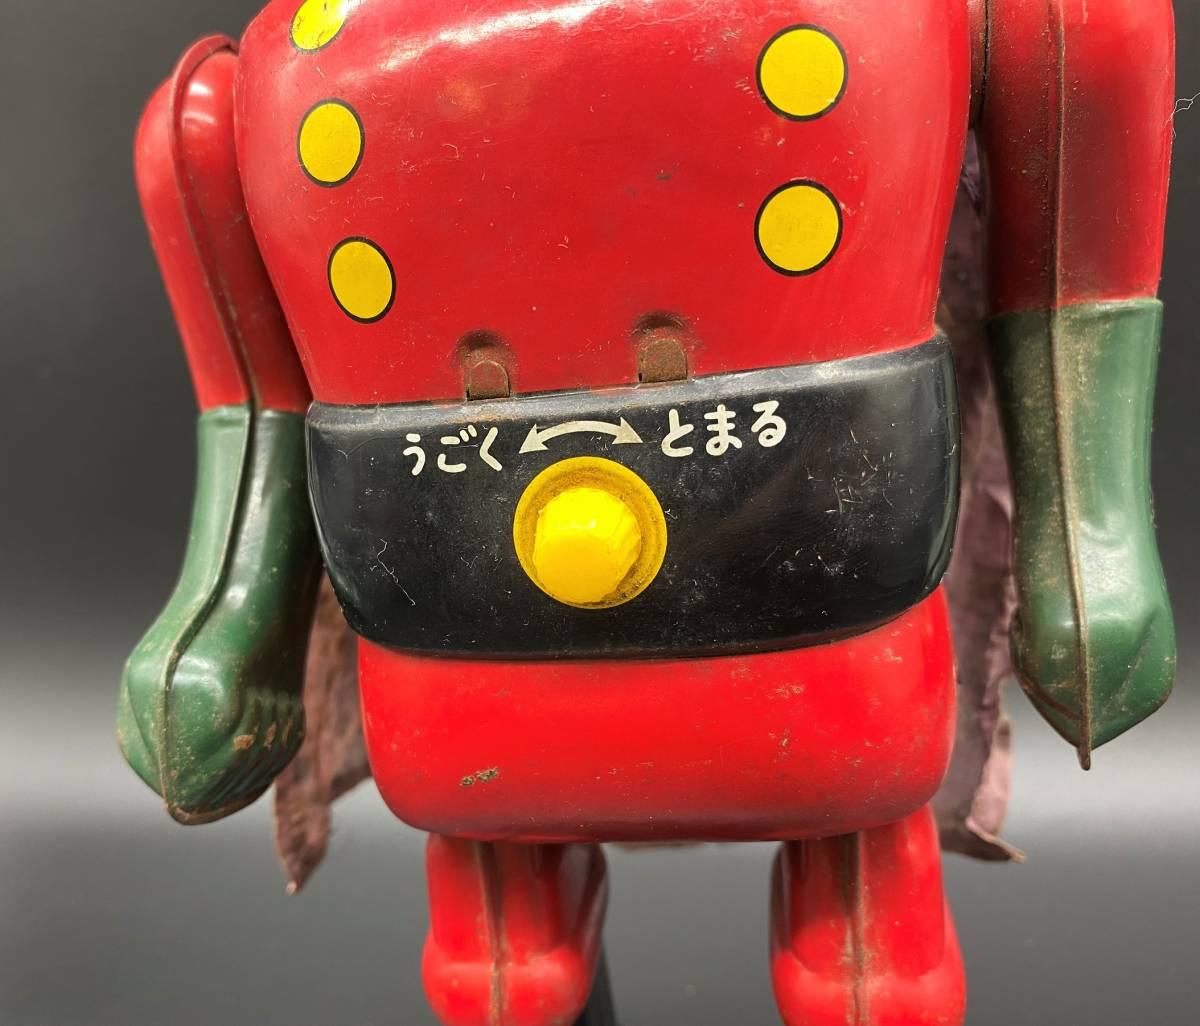 保管品 中古品 ジャンク品 ブリキ ビッグX 電動歩行 昭和 レトロ アンティーク 手塚治虫 YS20201022_画像8